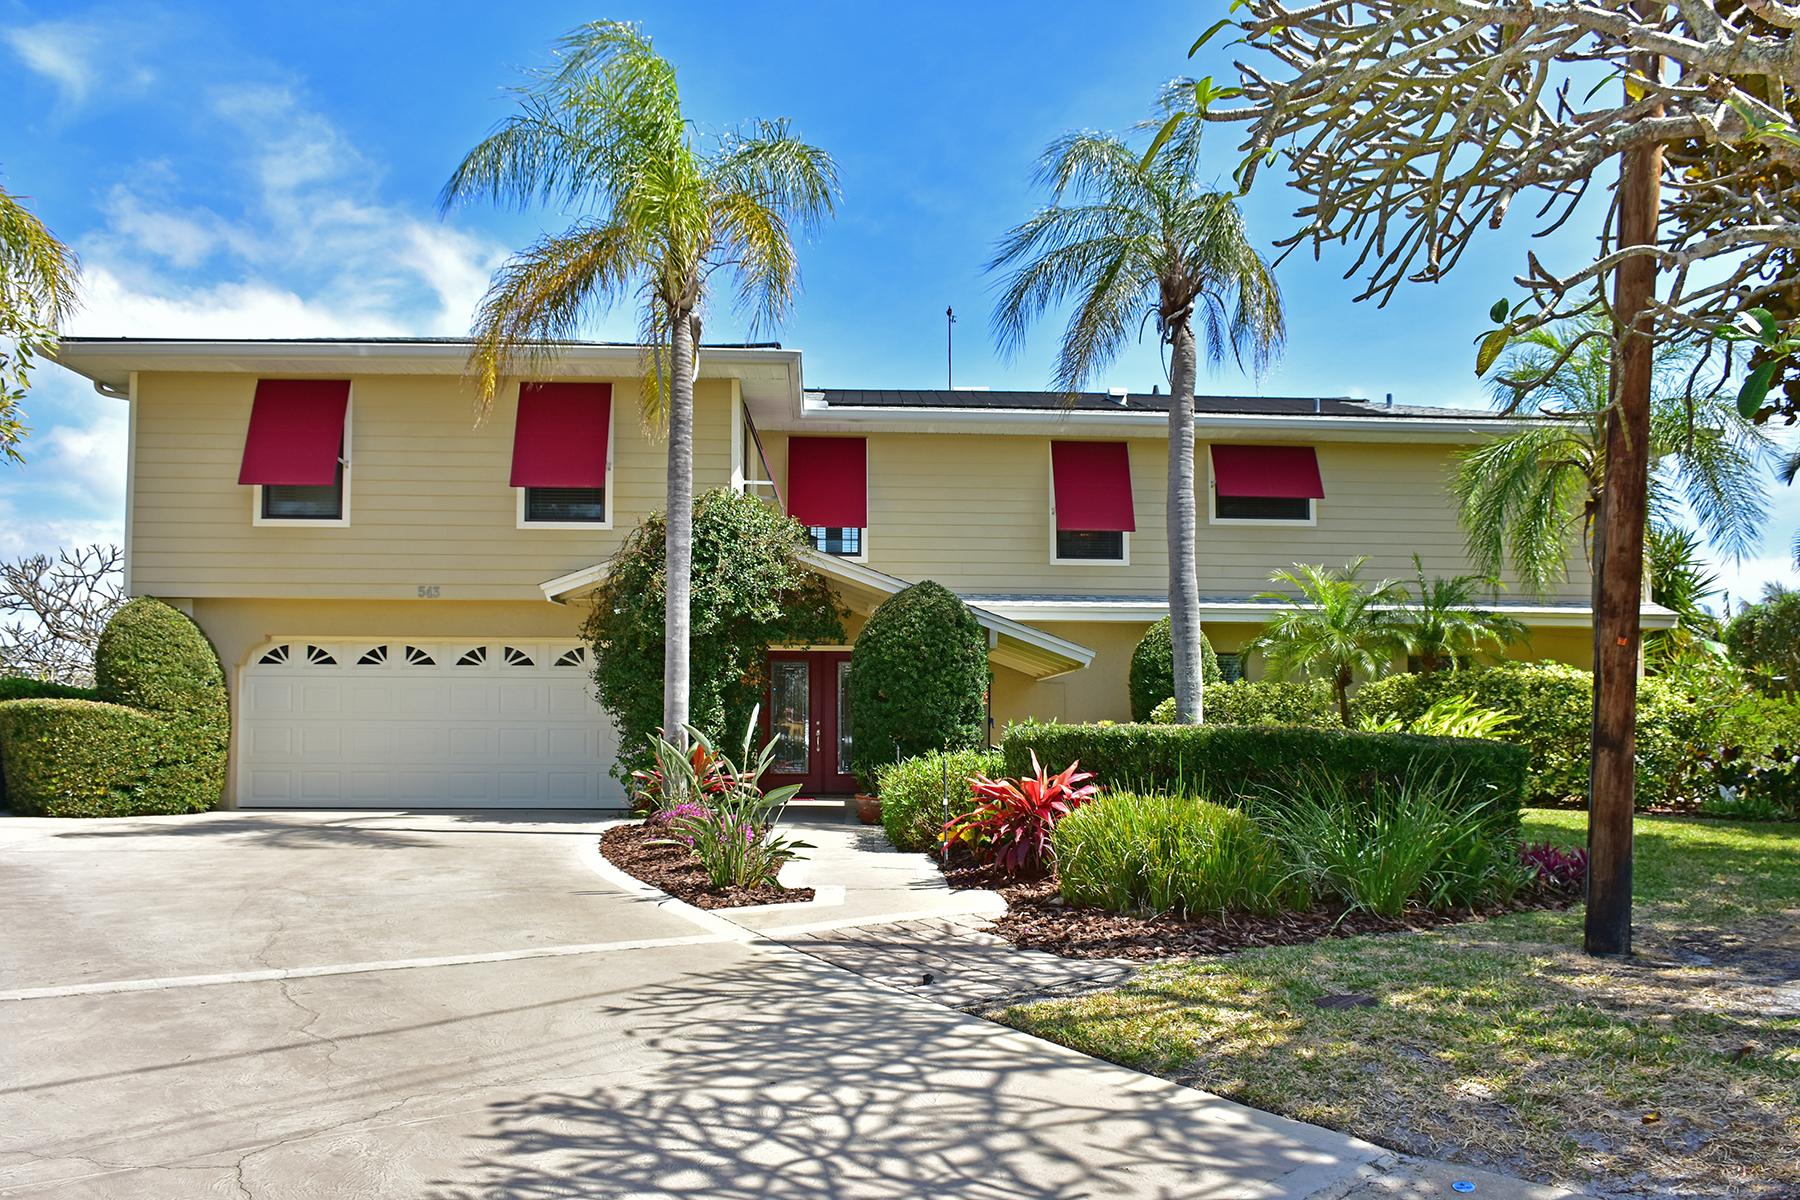 Moradia para Venda às HOLMES BEACH 543 67th St Holmes Beach, Florida, 34217 Estados Unidos